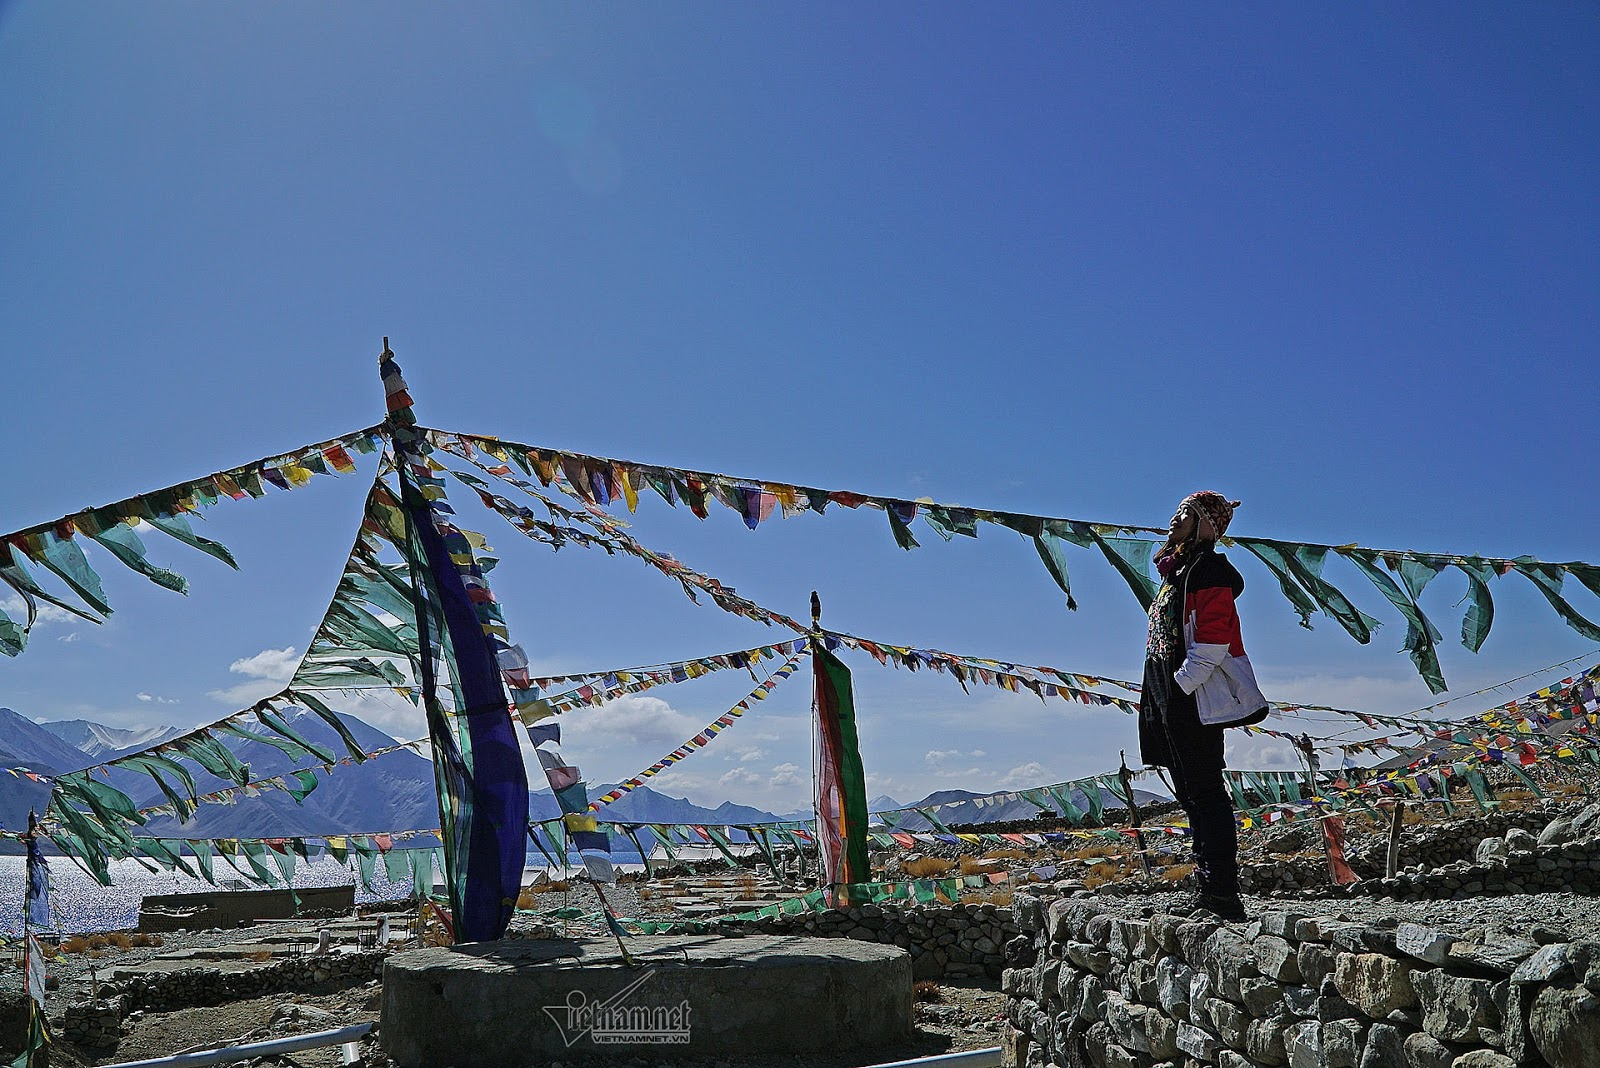 Khám phá vẻ đẹp huyền bí hồ Pangong - Ảnh 3